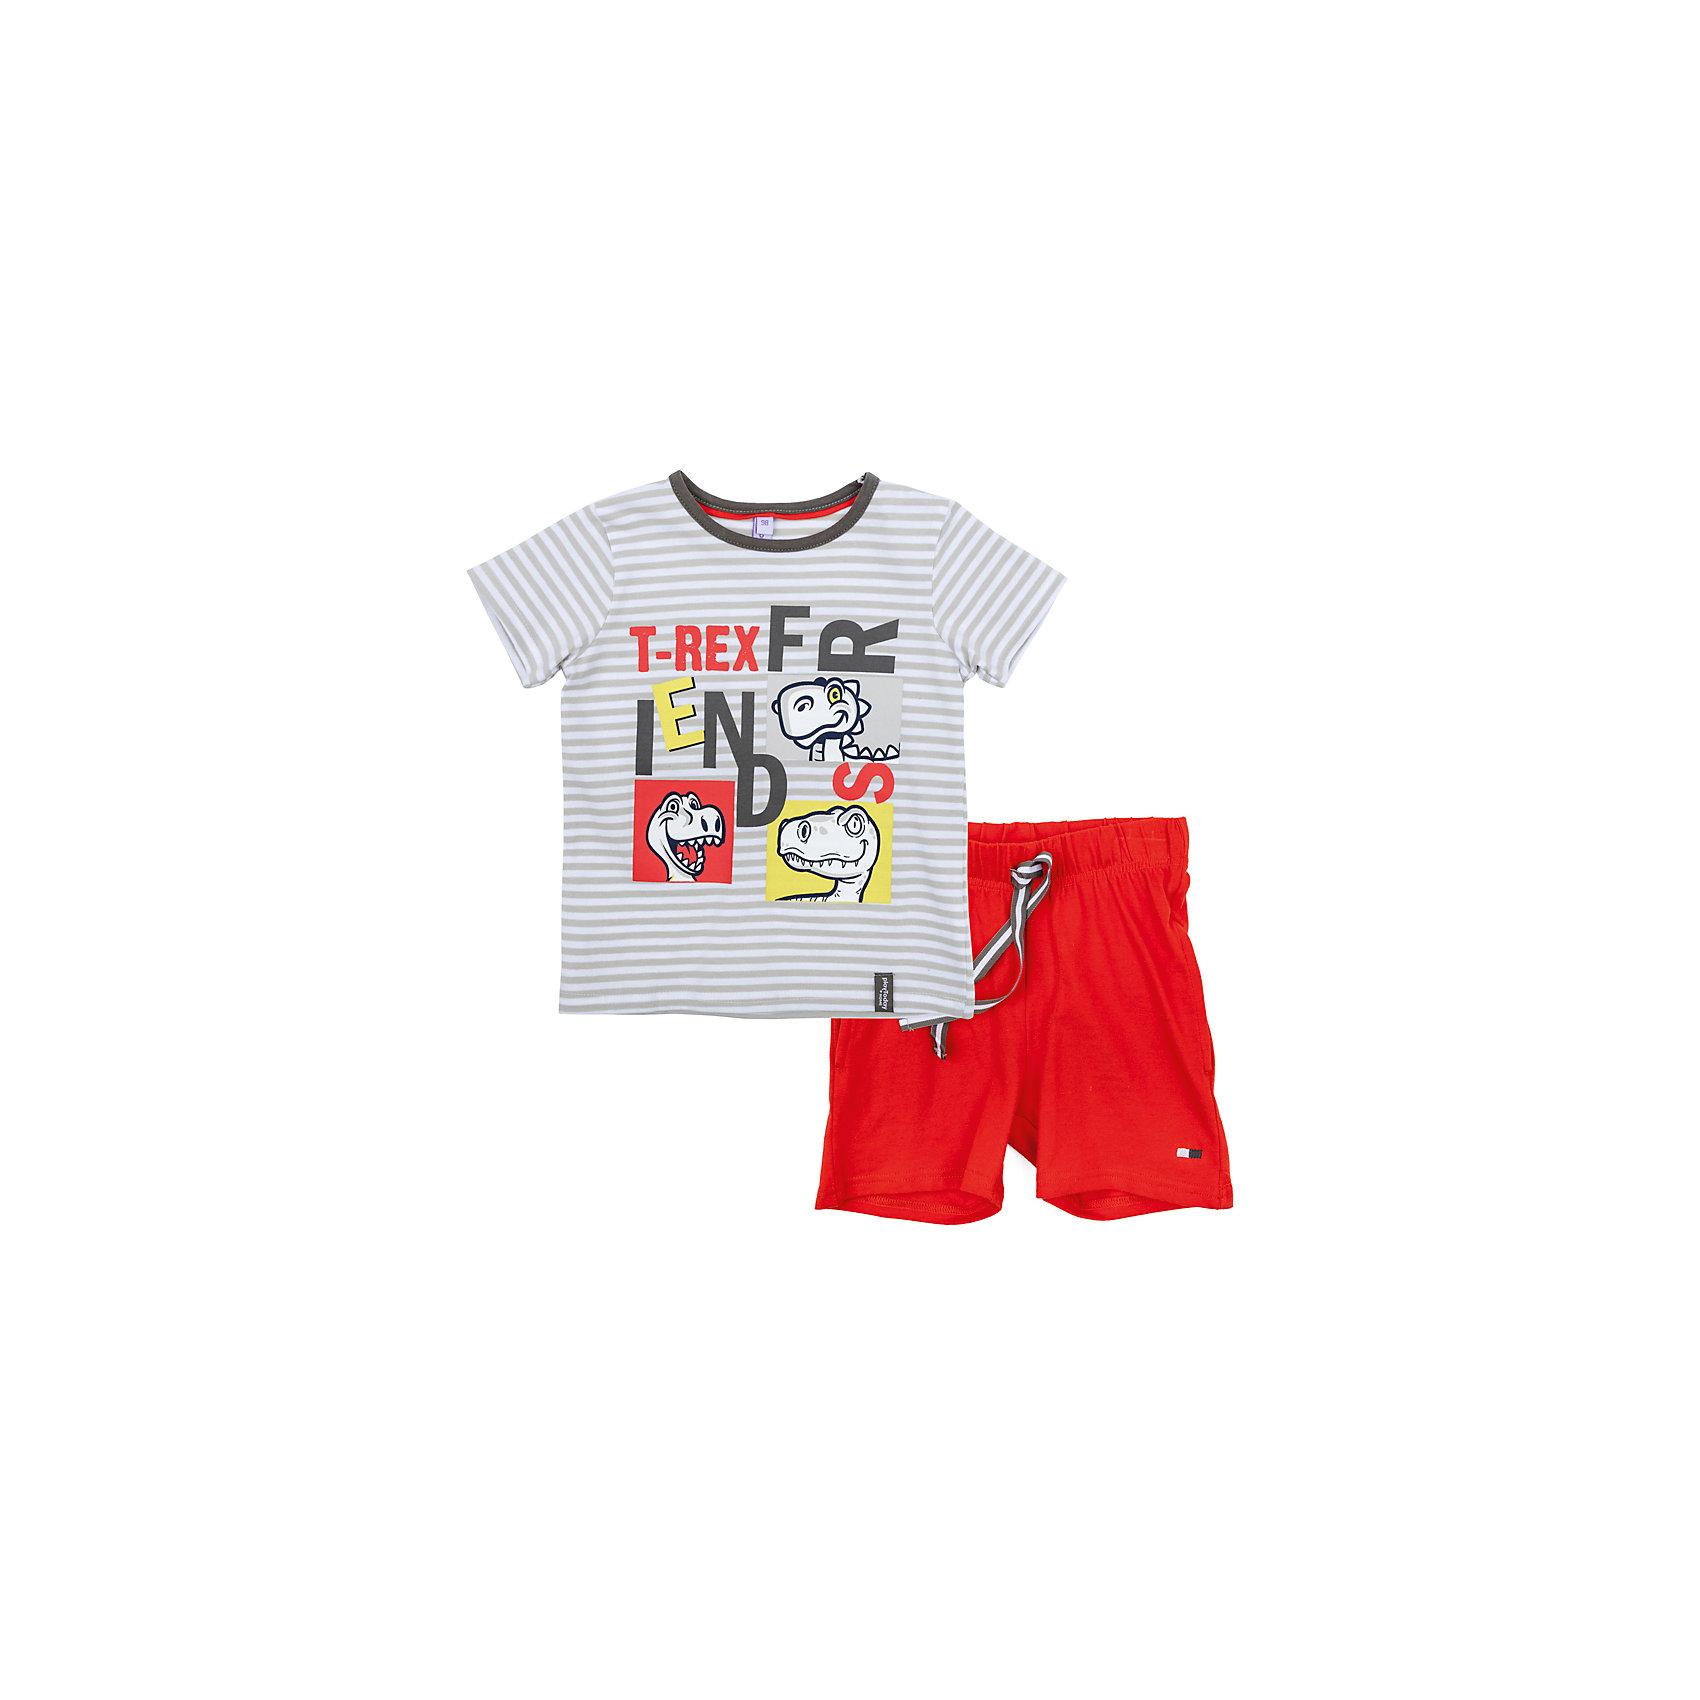 Комплект для мальчика PlayTodayКомплекты<br>Комплект для мальчика PlayToday<br>Комплект из майки и шорт прекрасно подойдет для домашнего использования. Может быть и домашней одеждой, и уютной пижамой. Мягкий, приятный к телу, материал не сковывает движений. Шорты на мягкой удобной резинке, с регулируемым на поясе шнуром - кулиской. Яркий принт является достойным украшением данного изделия.Преимущества: Свободный классический крой не сковывает движения ребенкаМожет быть удобной домашней одеждой и уютной пижамой.Яркий стильный принт<br>Состав:<br>95% хлопок, 5% эластан<br><br>Ширина мм: 199<br>Глубина мм: 10<br>Высота мм: 161<br>Вес г: 151<br>Цвет: разноцветный<br>Возраст от месяцев: 84<br>Возраст до месяцев: 96<br>Пол: Мужской<br>Возраст: Детский<br>Размер: 128,98,104,110,116,122<br>SKU: 5404777